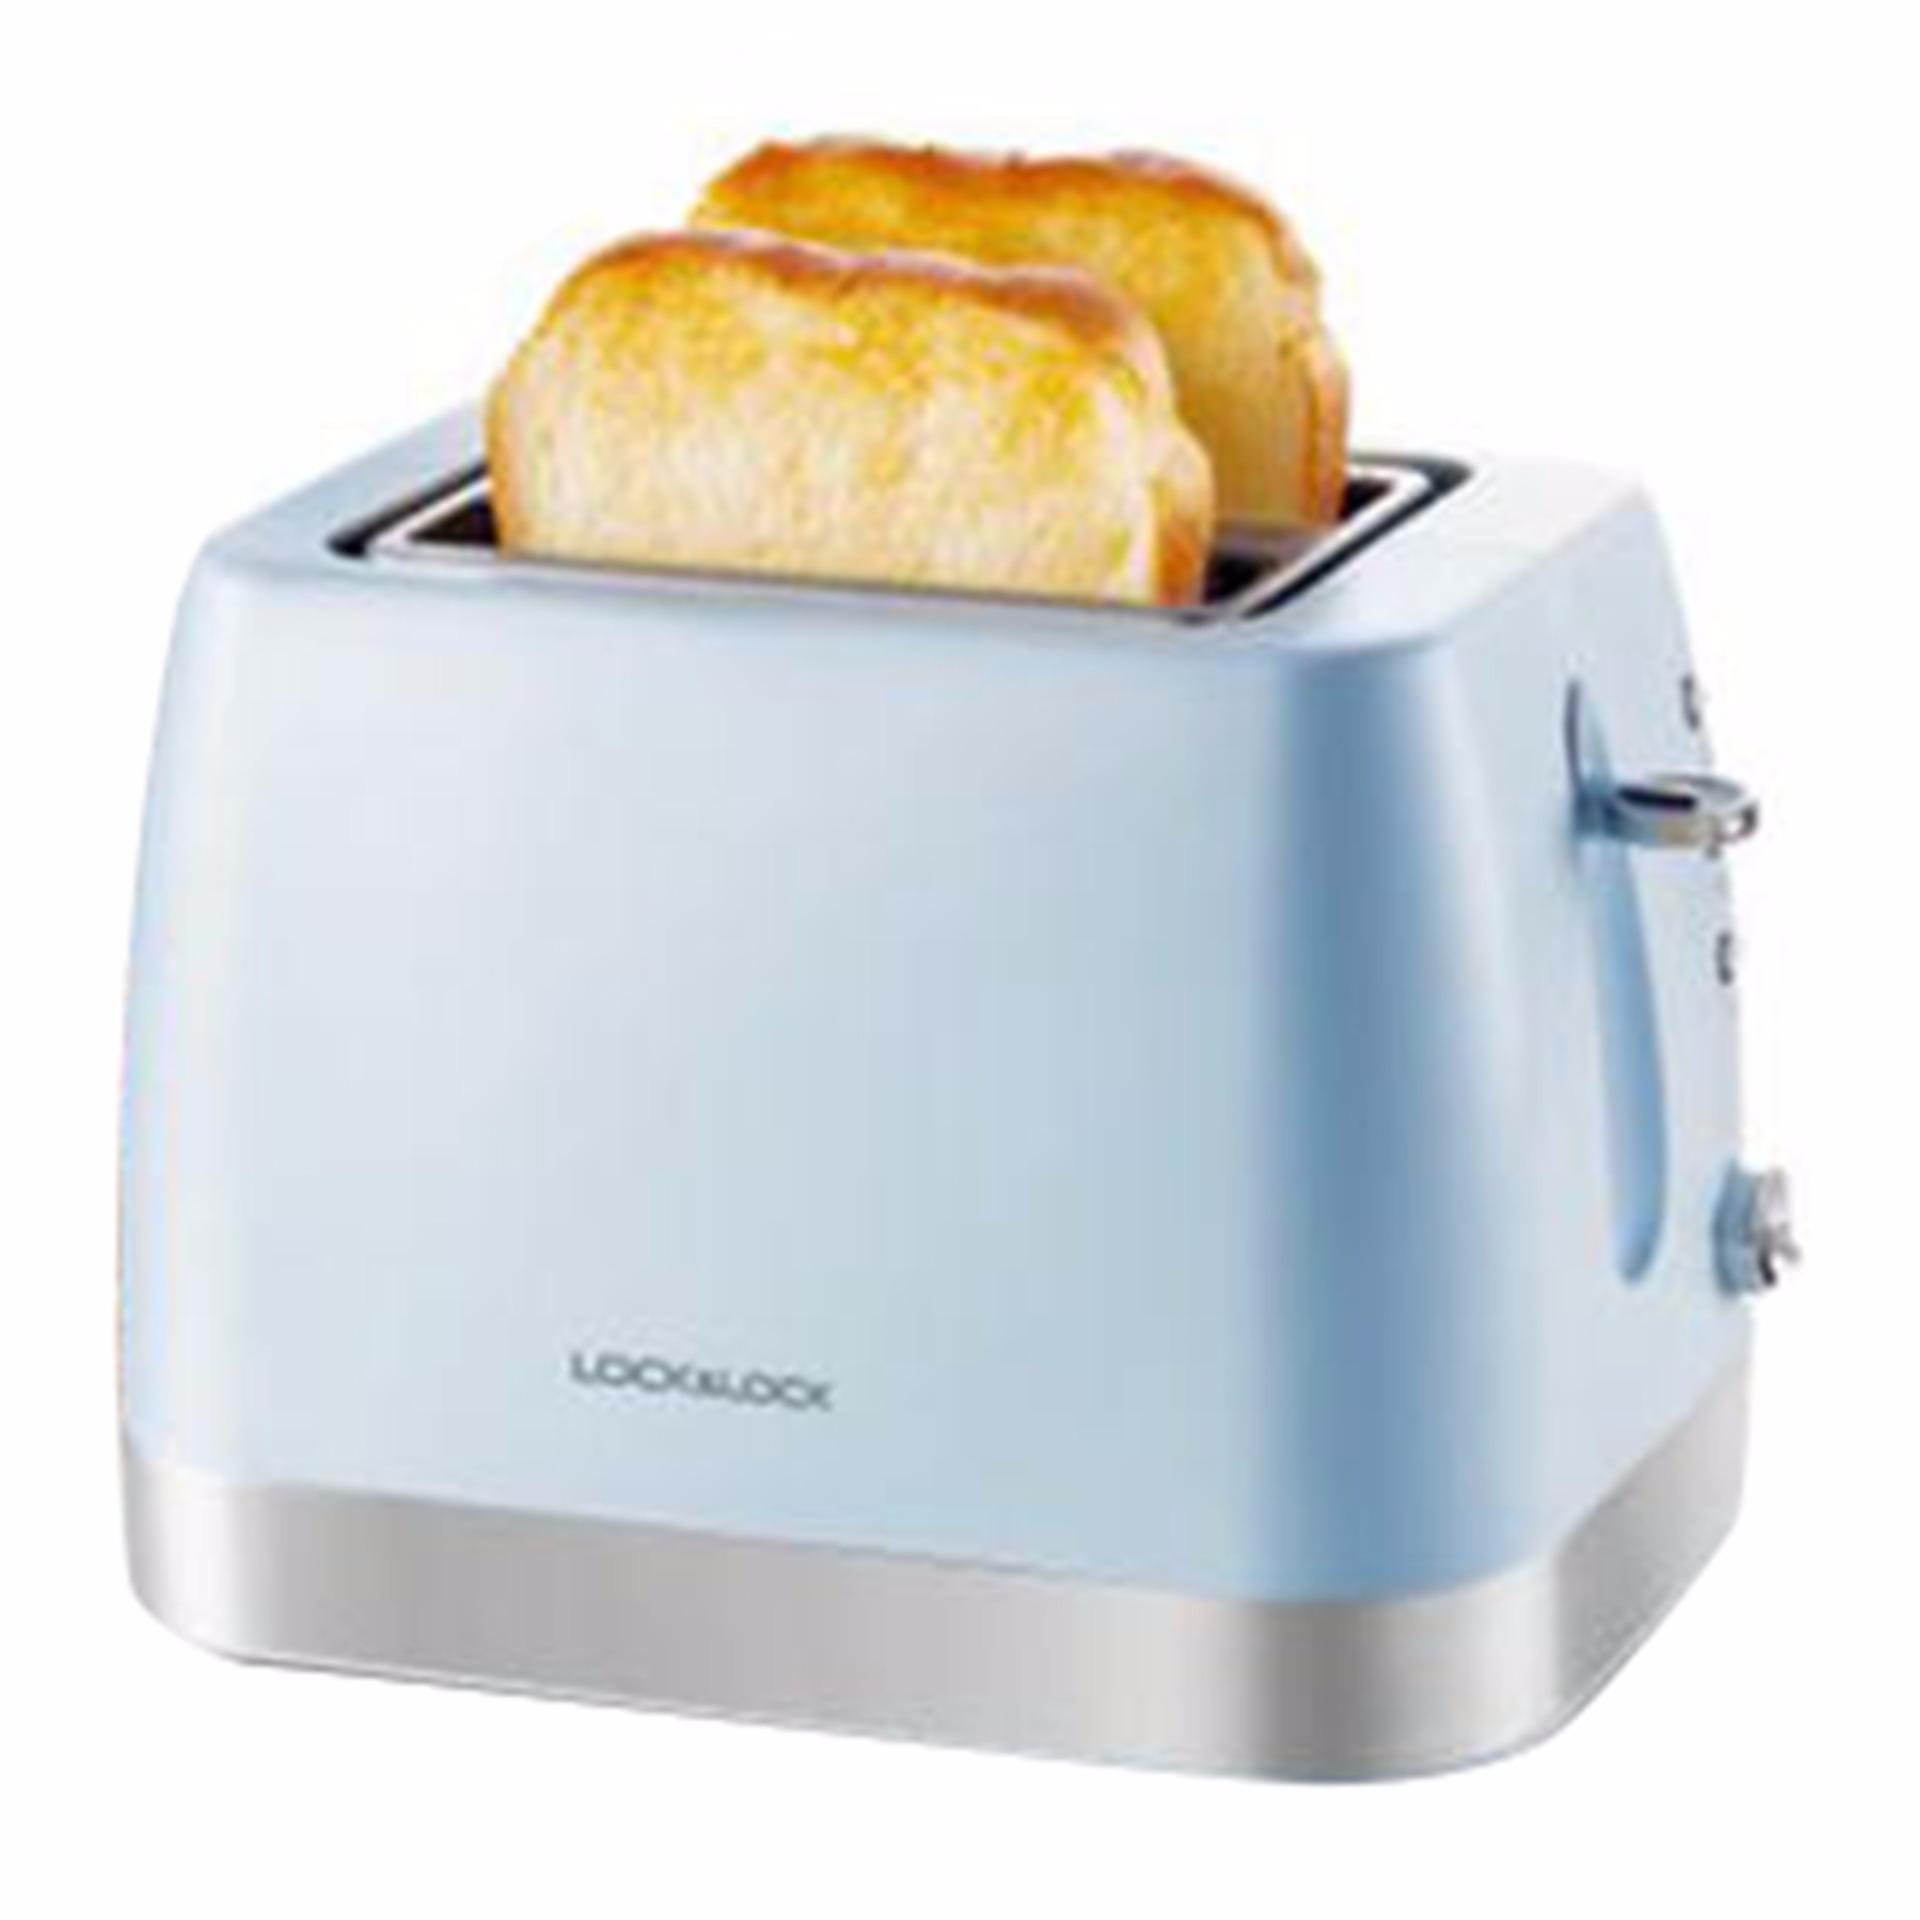 Máy nướng bánh mì LOCK&LOCK công suất 730W, Máy nướng bánh mì mini, Máy làm bánh mì gia đình, Máy nướng bánh mì 2 ngăn, Máy nướng bánh mì gối tiện dụng tùy chỉnh với 6 cấp độ giúp bánh được nướng chín đều, thơm ngon